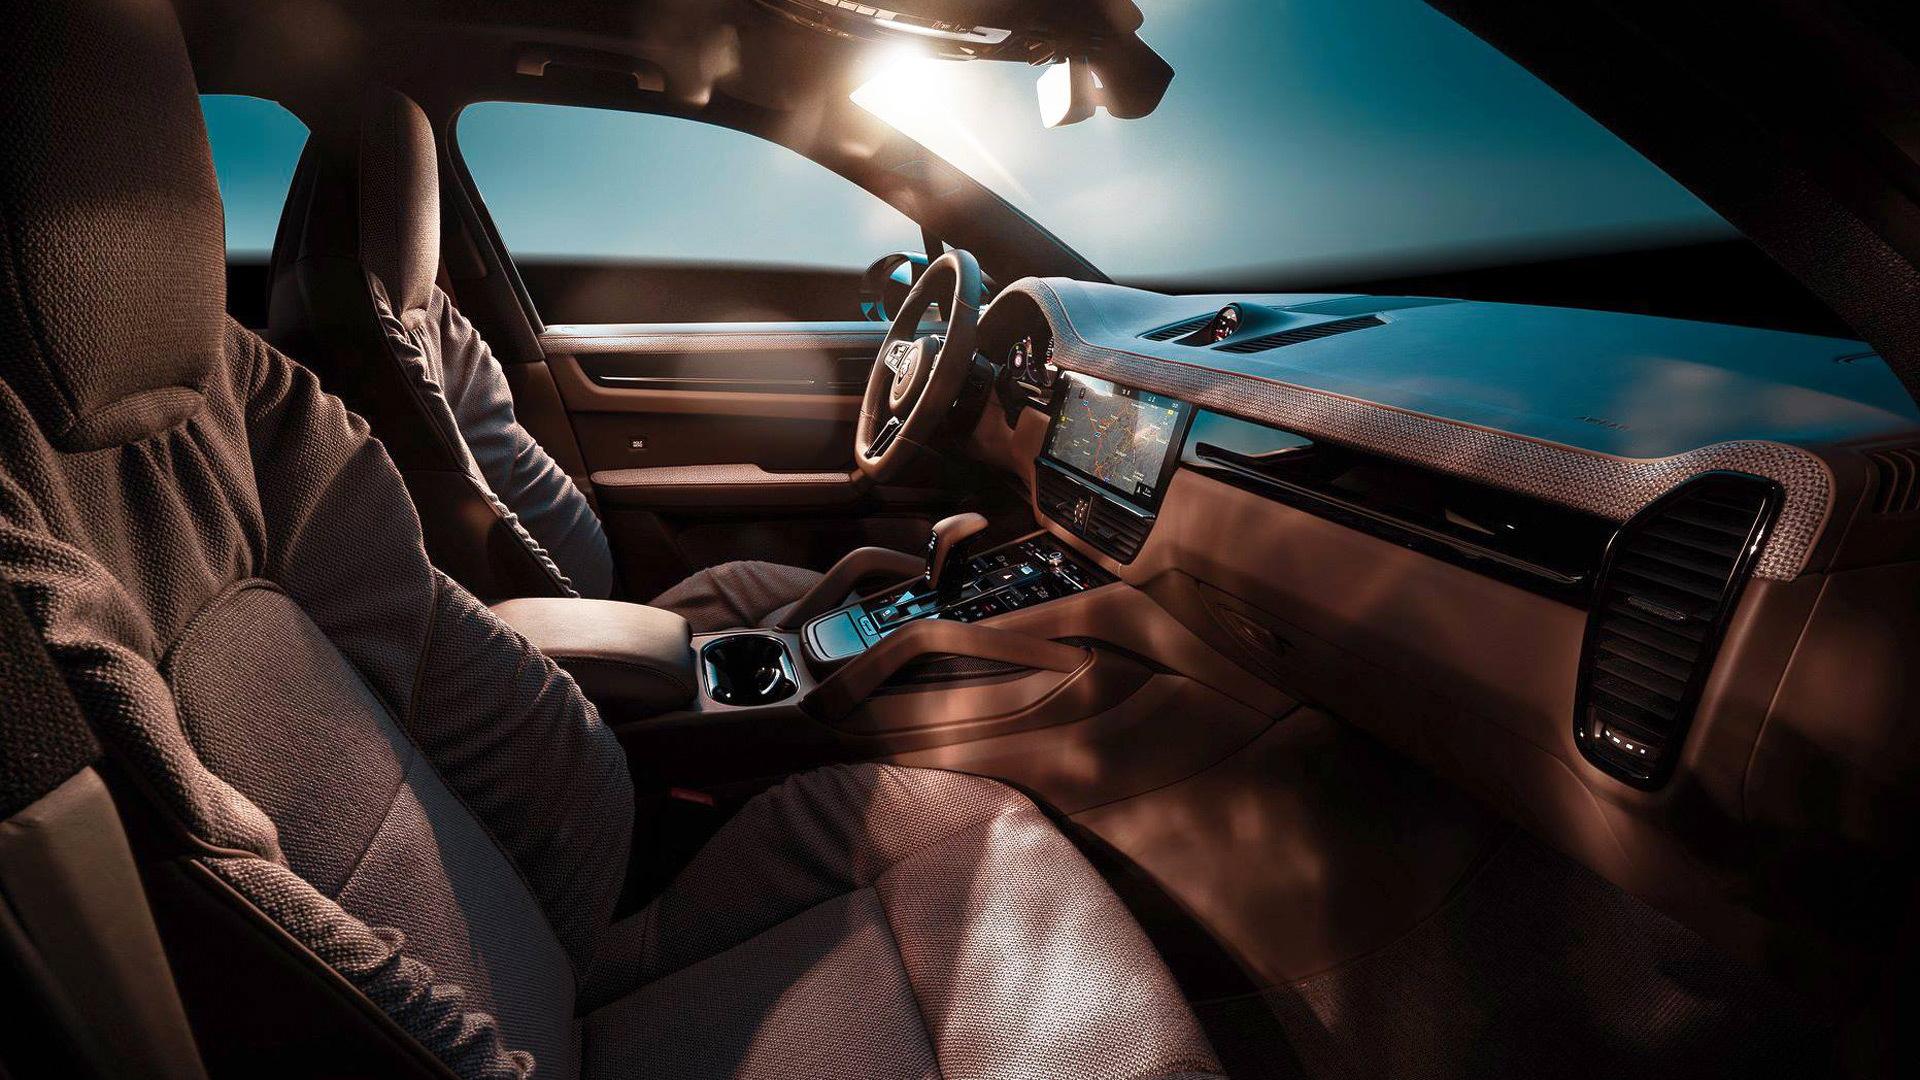 2019 TechArt Porsche Cayenne with Rolf Benz interior